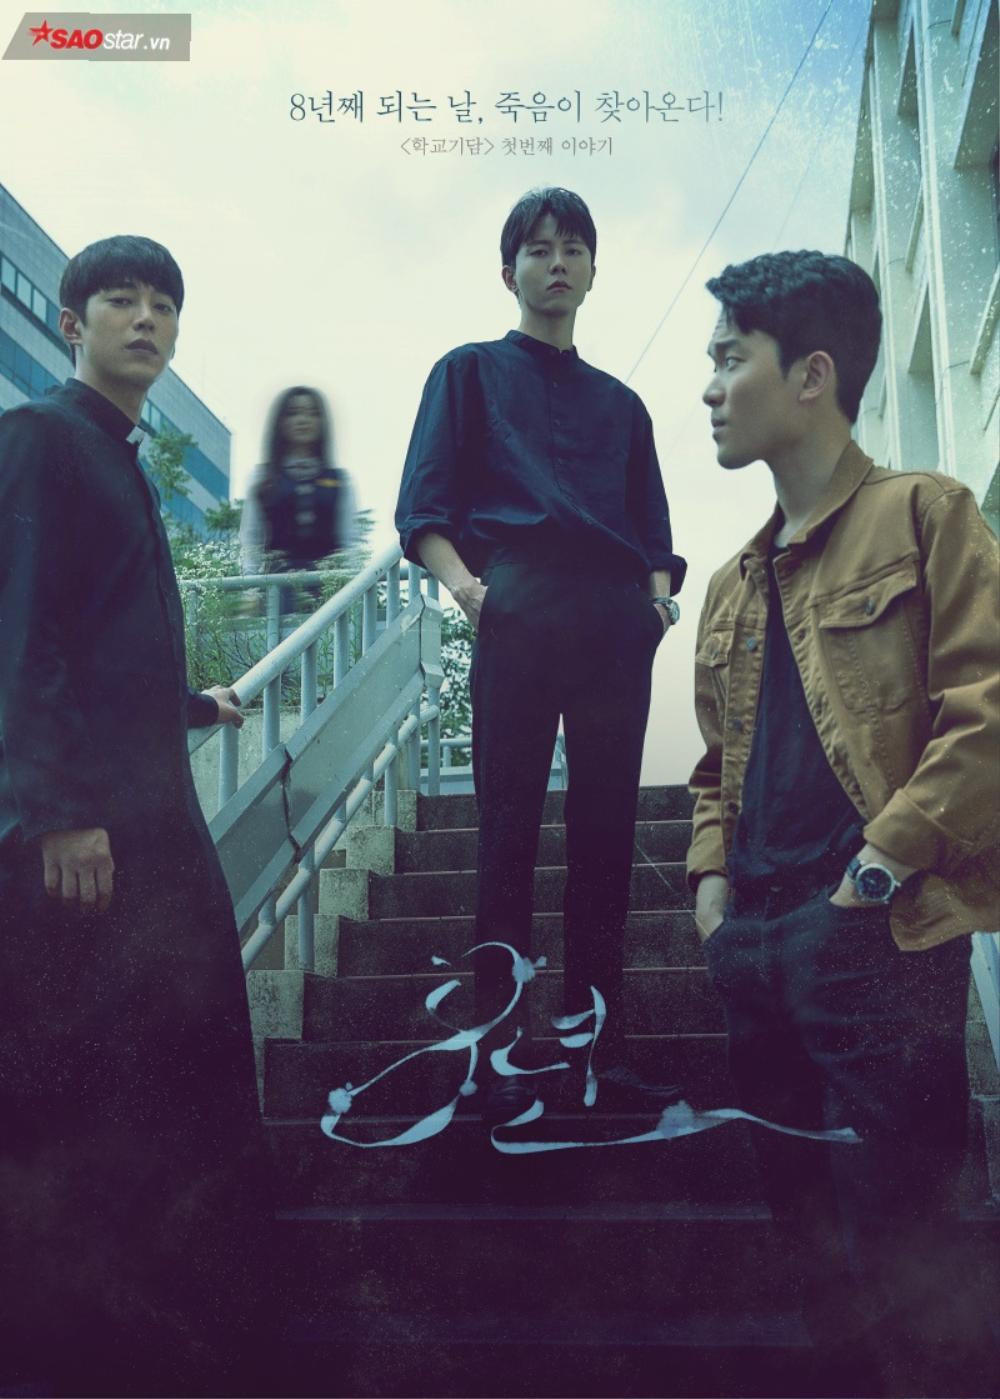 Phim truyền hình Hàn Quốc cuối tháng 9: Đa dạng thể loại nhưng nội dung không mới mẻ Ảnh 12